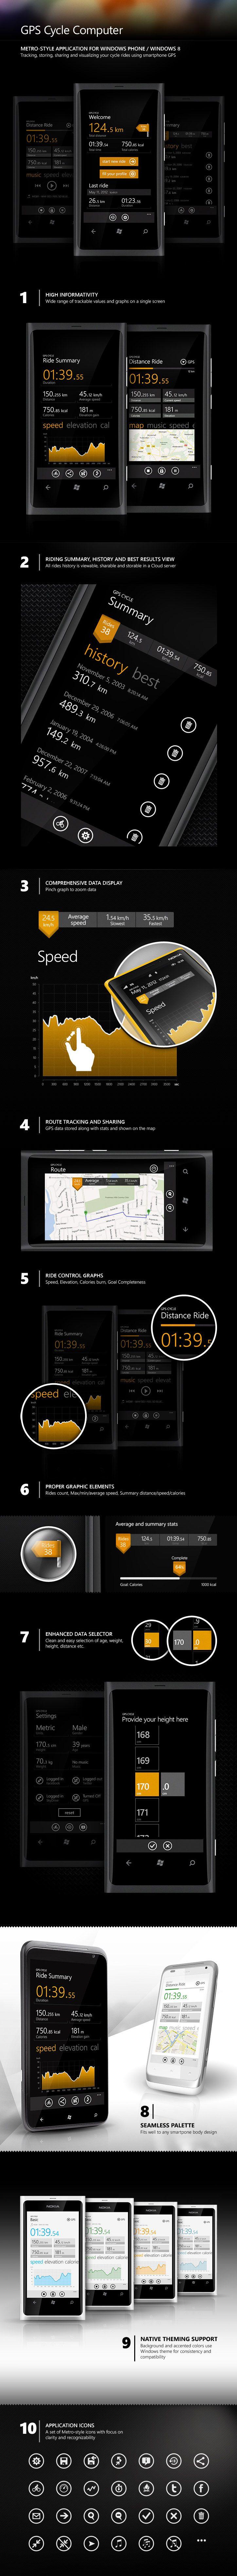 GPS Cycle (Metro application) by Alexey Tcherniak, via #Behance #Mobile